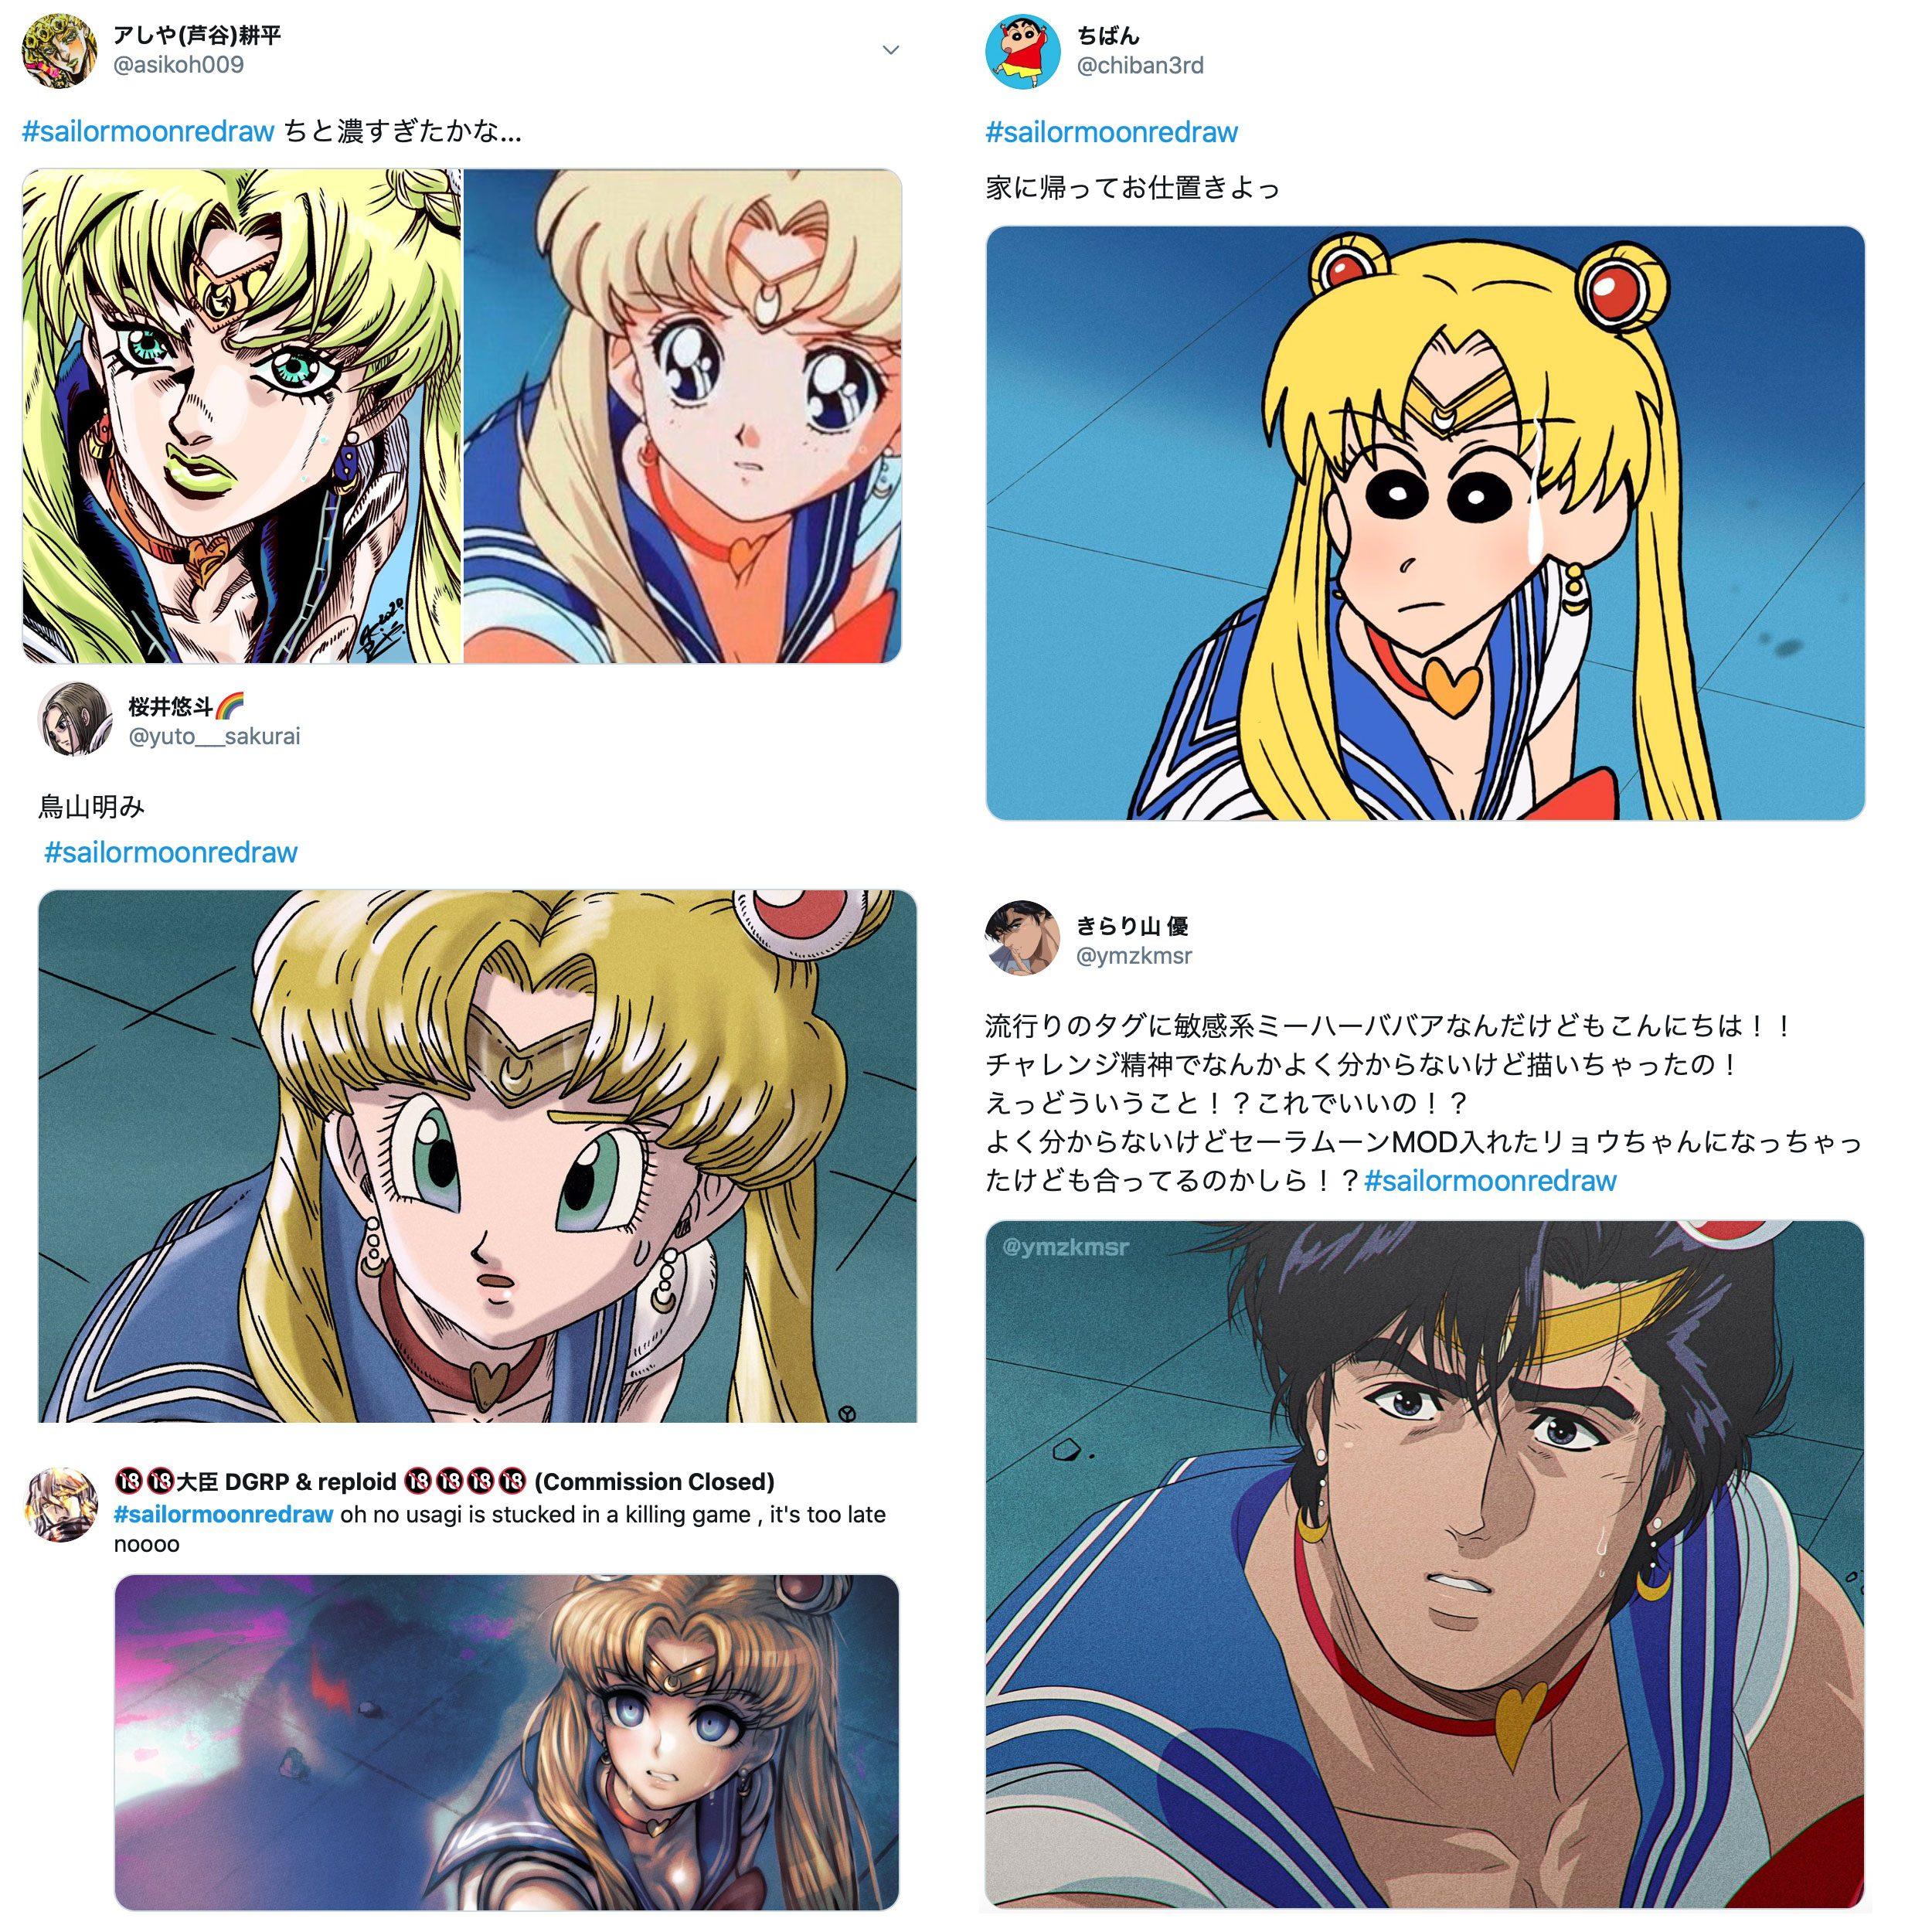 Sailor Moon Redraw: centinaia di artisti affrontano la challenge